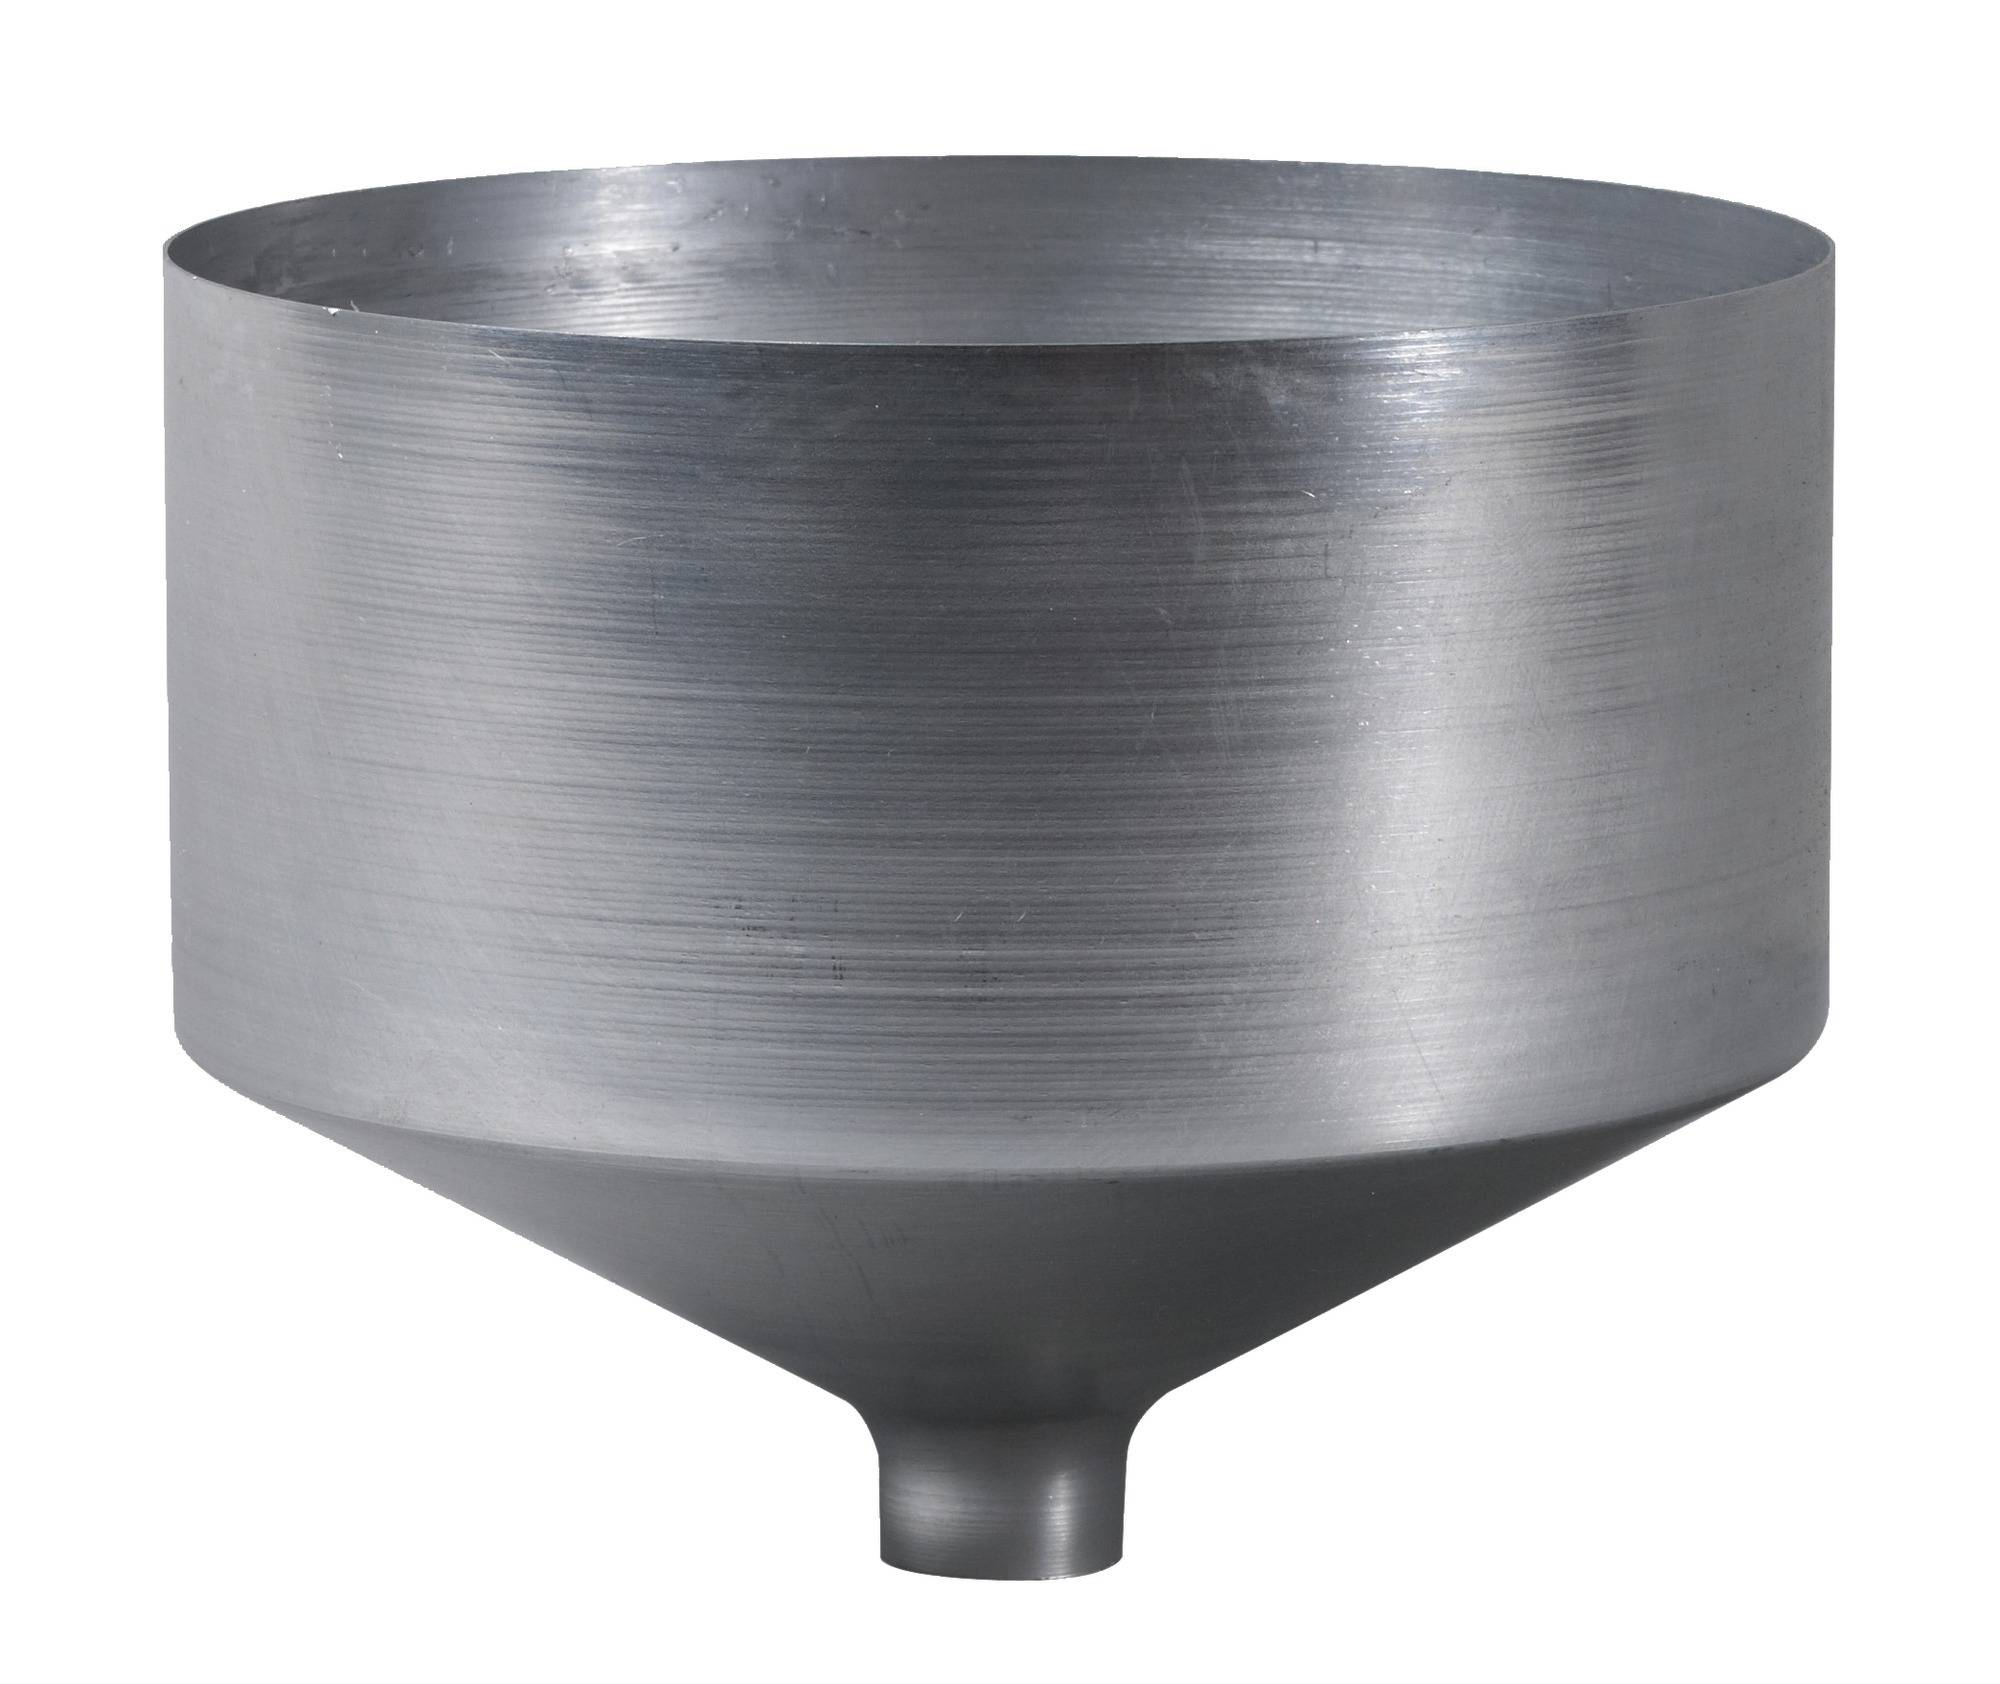 TEN Purge aluminium Ø83 - TOLERIE GENERALE - 900830